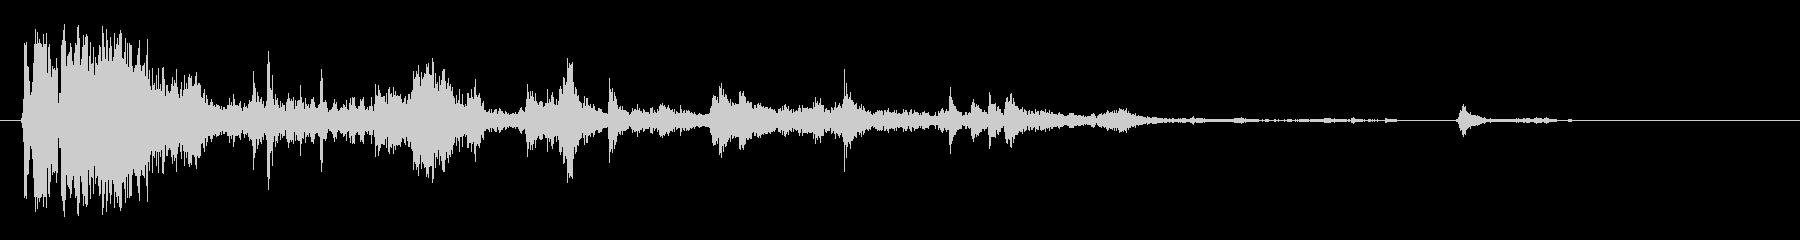 ドっカランカラン(部品が飛び散る音)の未再生の波形